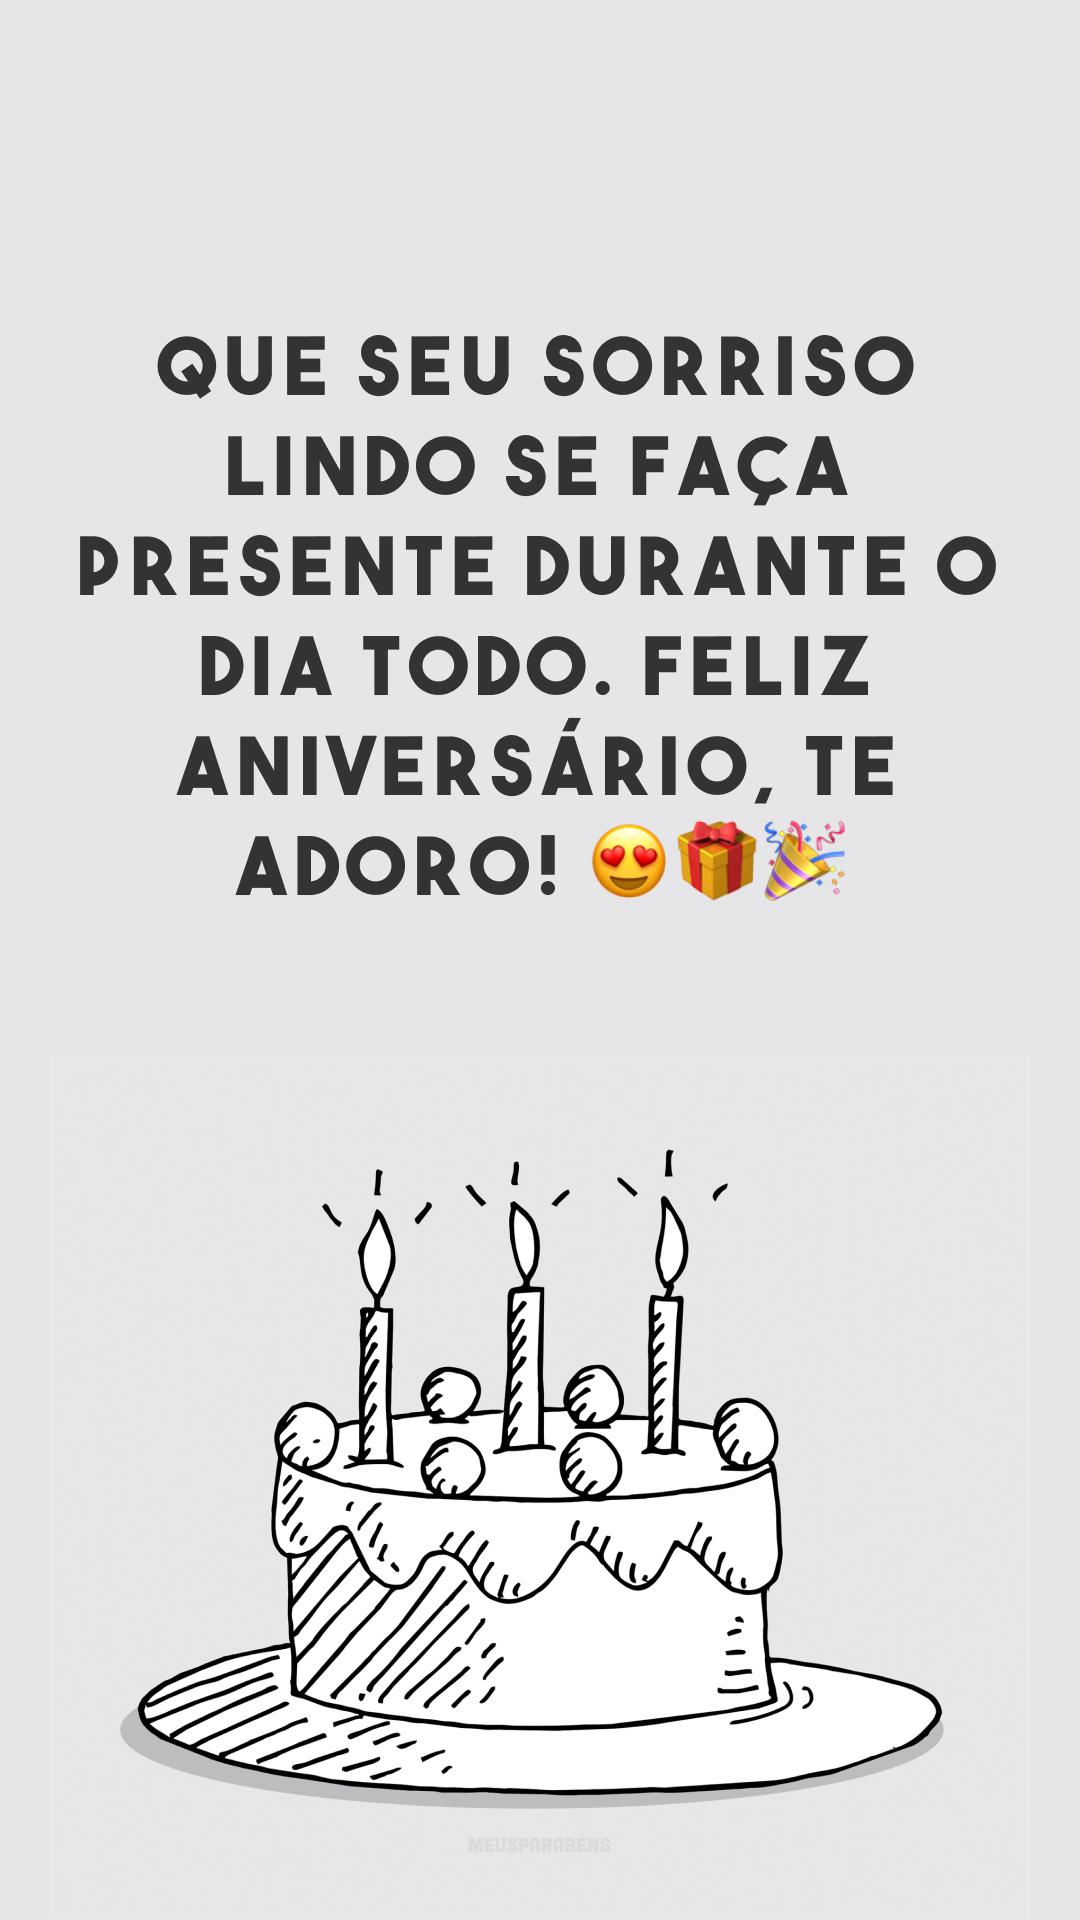 Que seu sorriso lindo se faça presente durante o dia todo. Feliz aniversário, te adoro! 😍🎁🎉